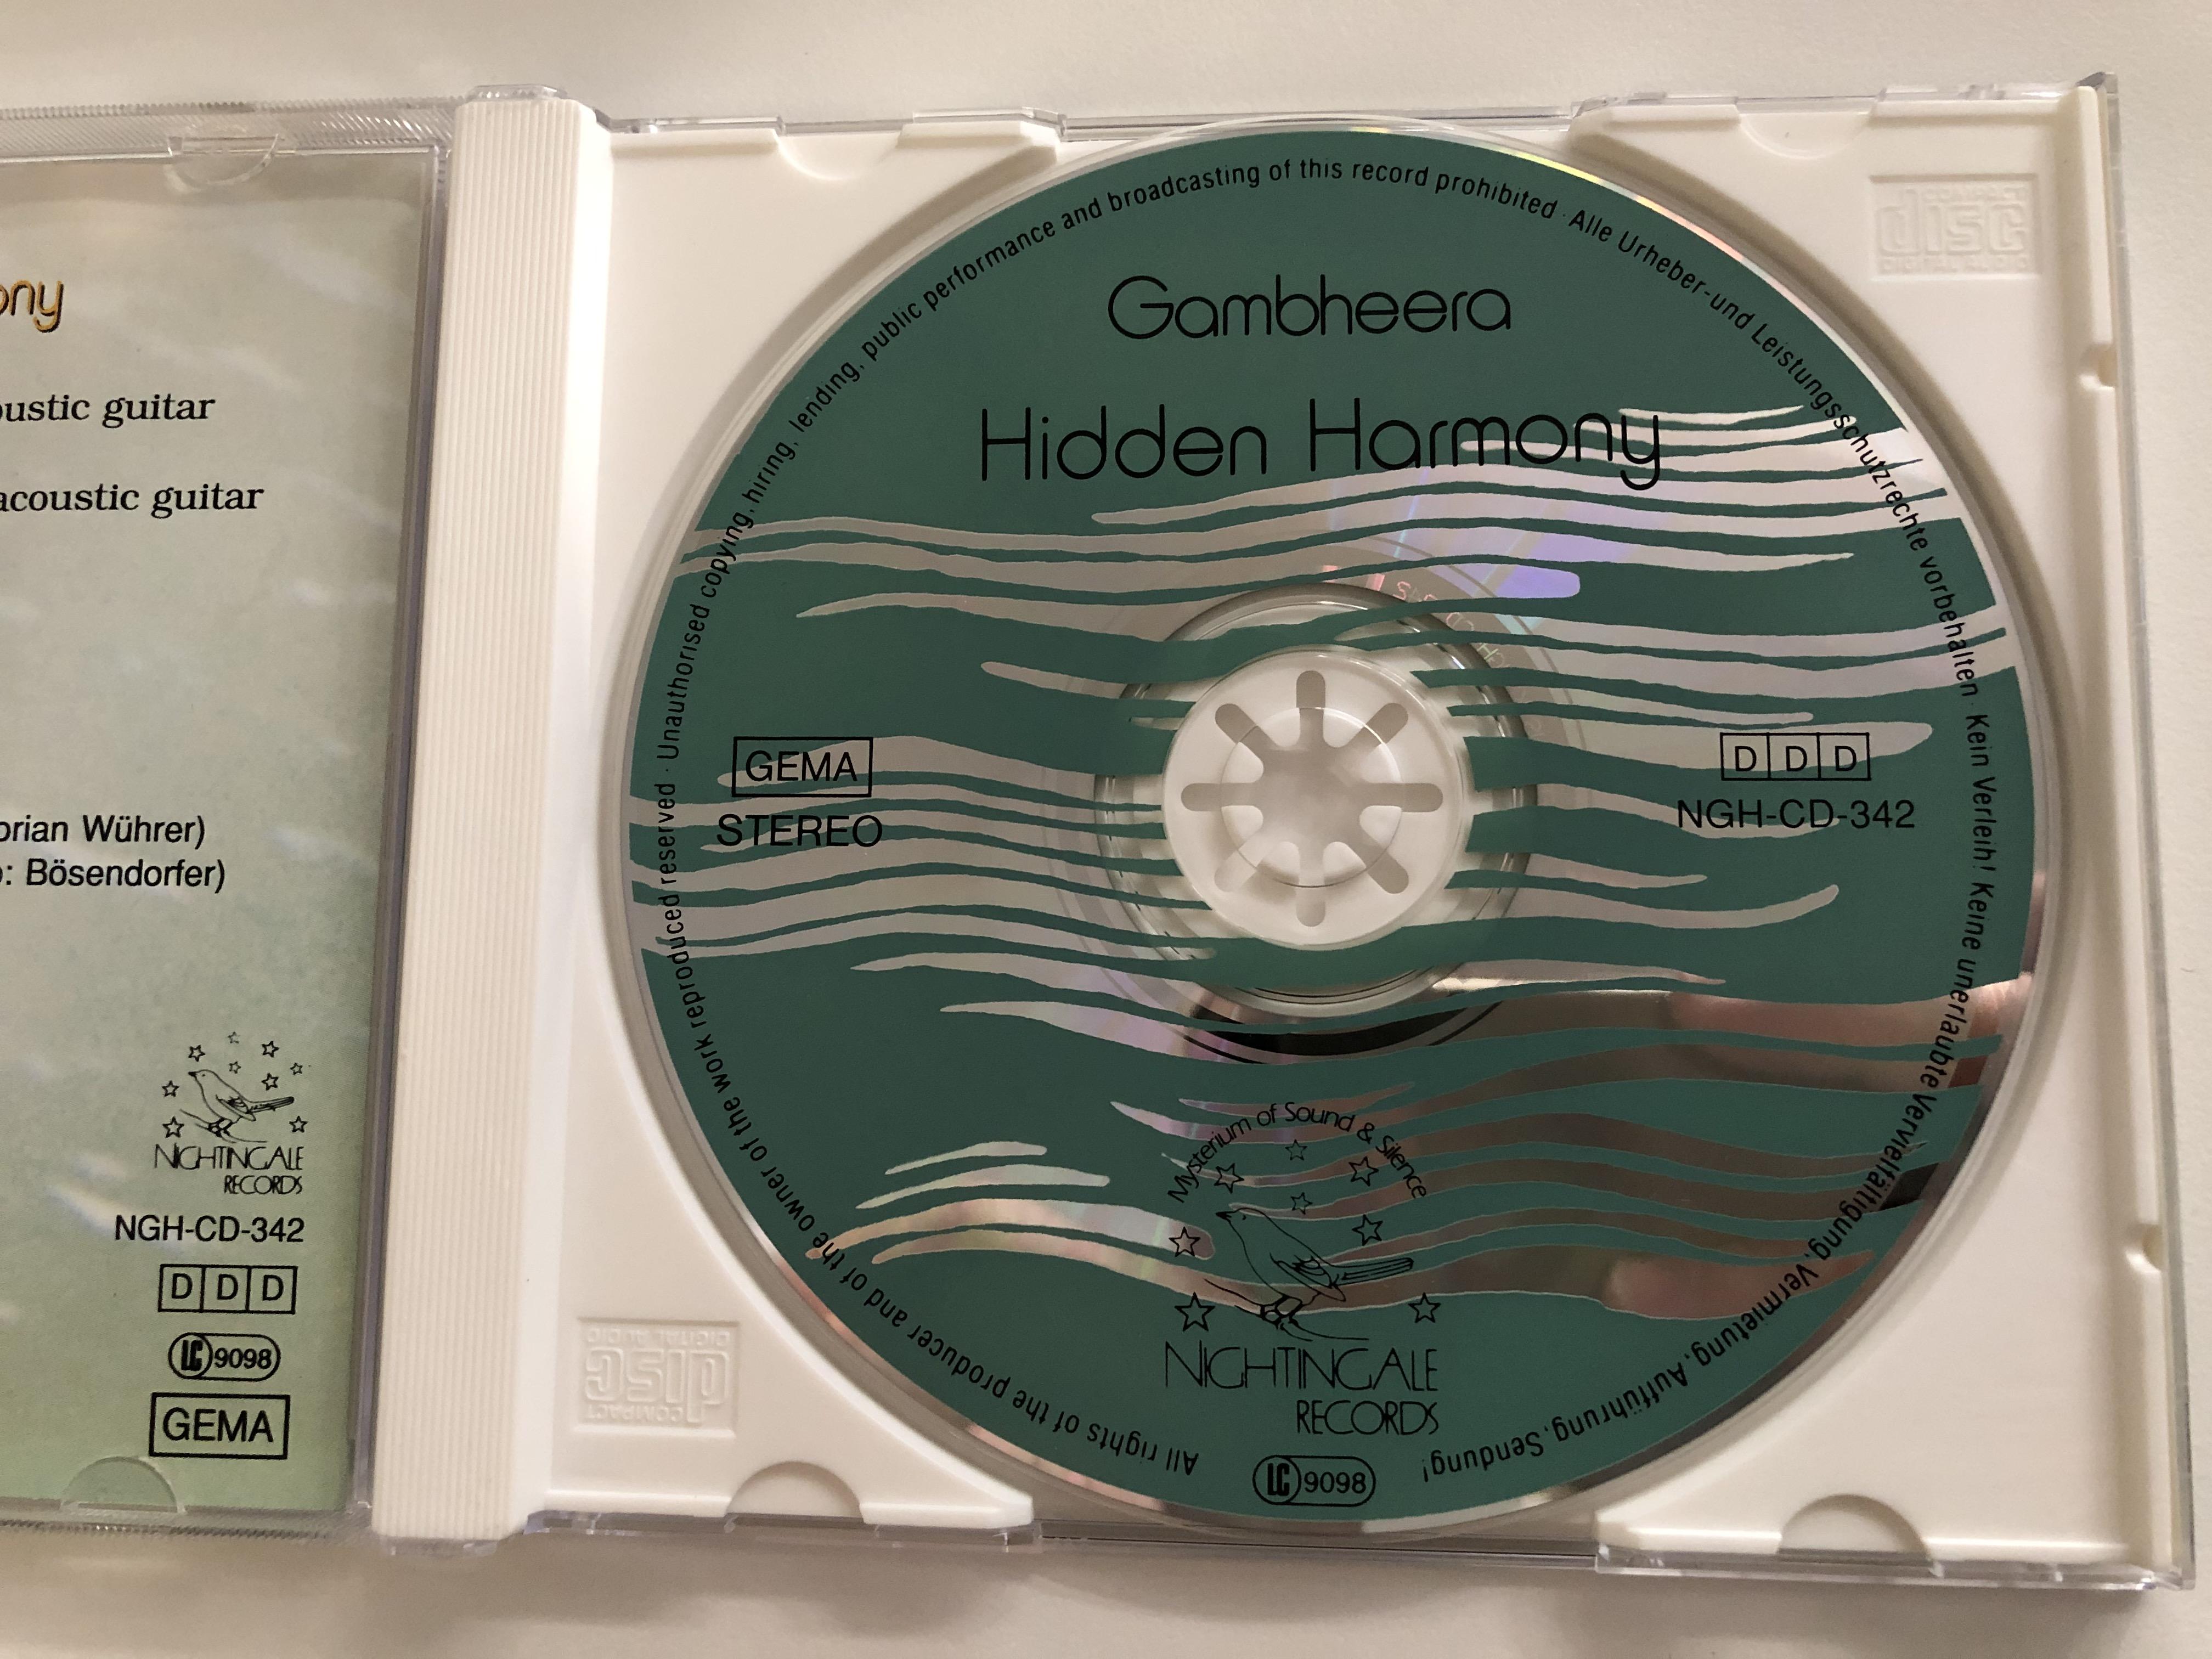 gambheera-hidden-harmony-nightingale-records-audio-cd-1991-ngh-cd-342-5-.jpg